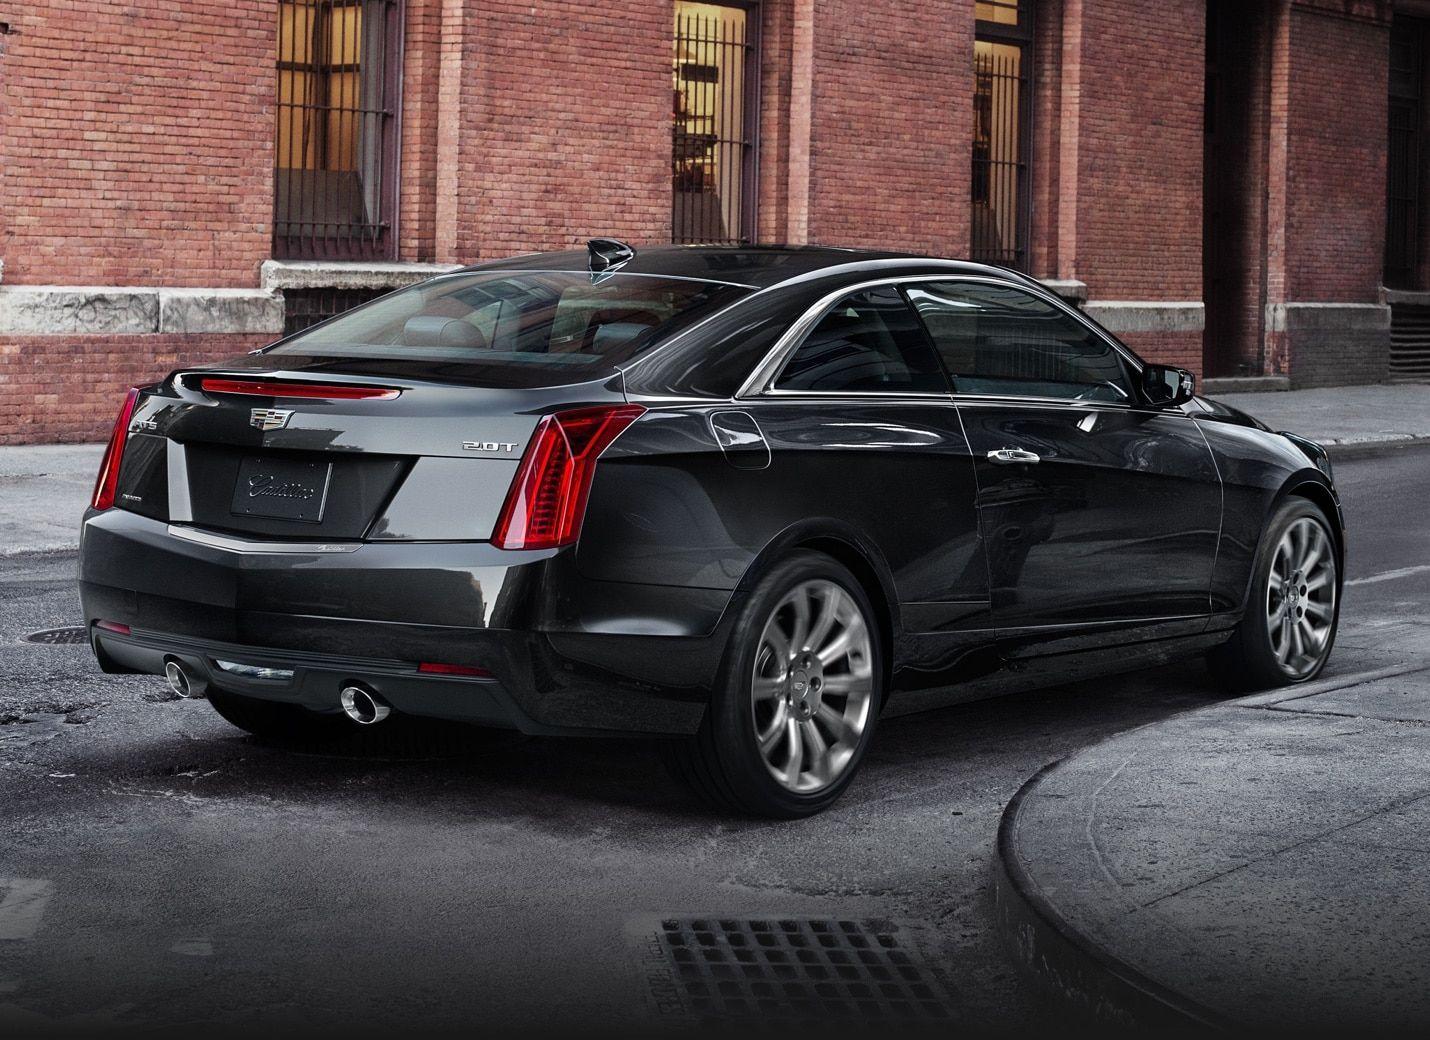 Pin On 2018 Cadillac Ats Coupe And Sedan